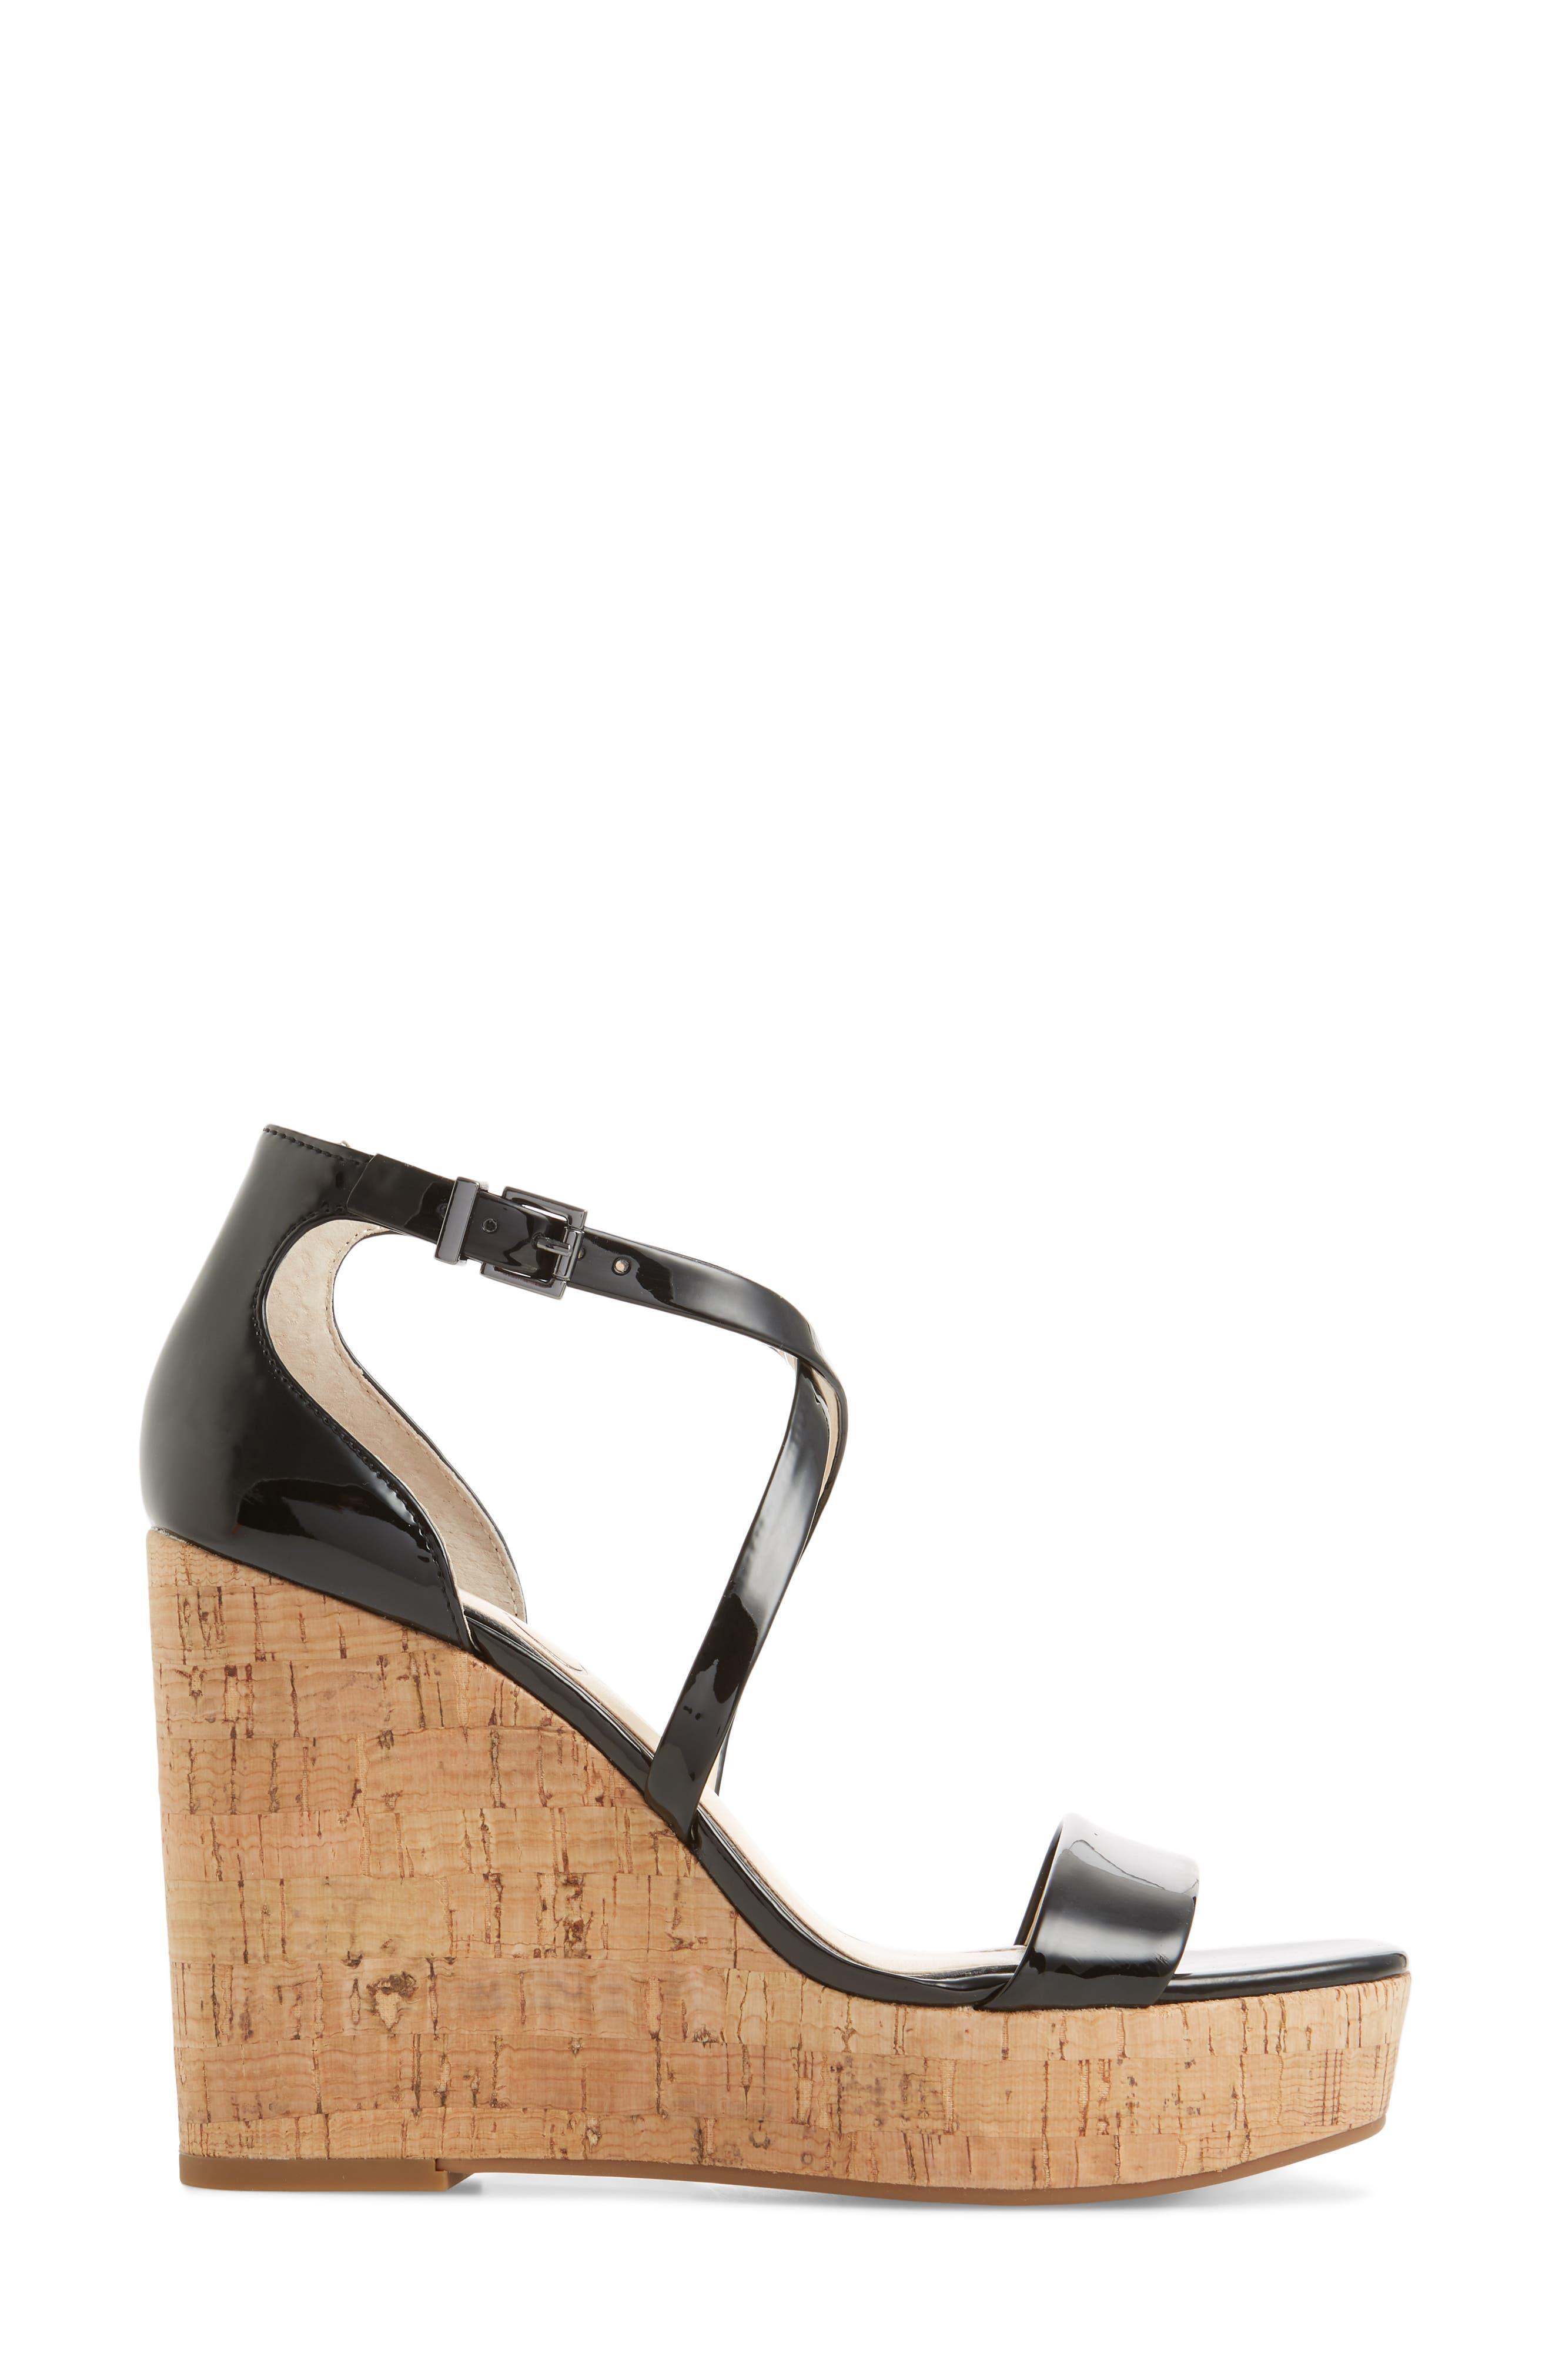 Stassi Cross Strap Wedge Sandal,                             Alternate thumbnail 3, color,                             001